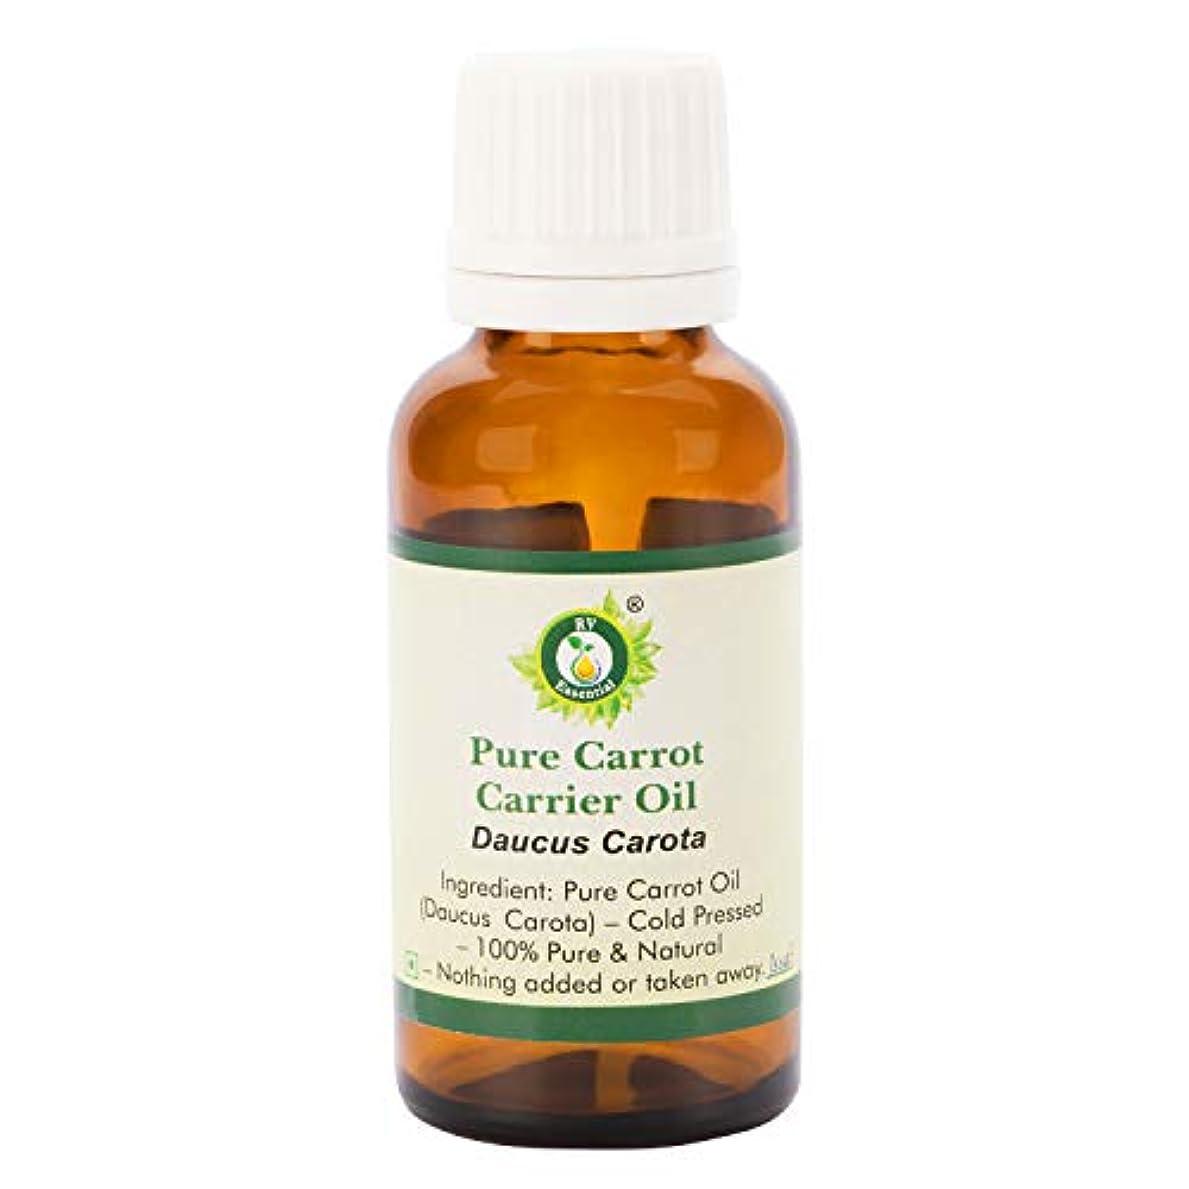 防止レール急行するピュアキャロットキャリアオイル100ml (3.38oz)- Daucus Carota (100%ピュア&ナチュラルコールドPressed) Pure Carrot Carrier Oil